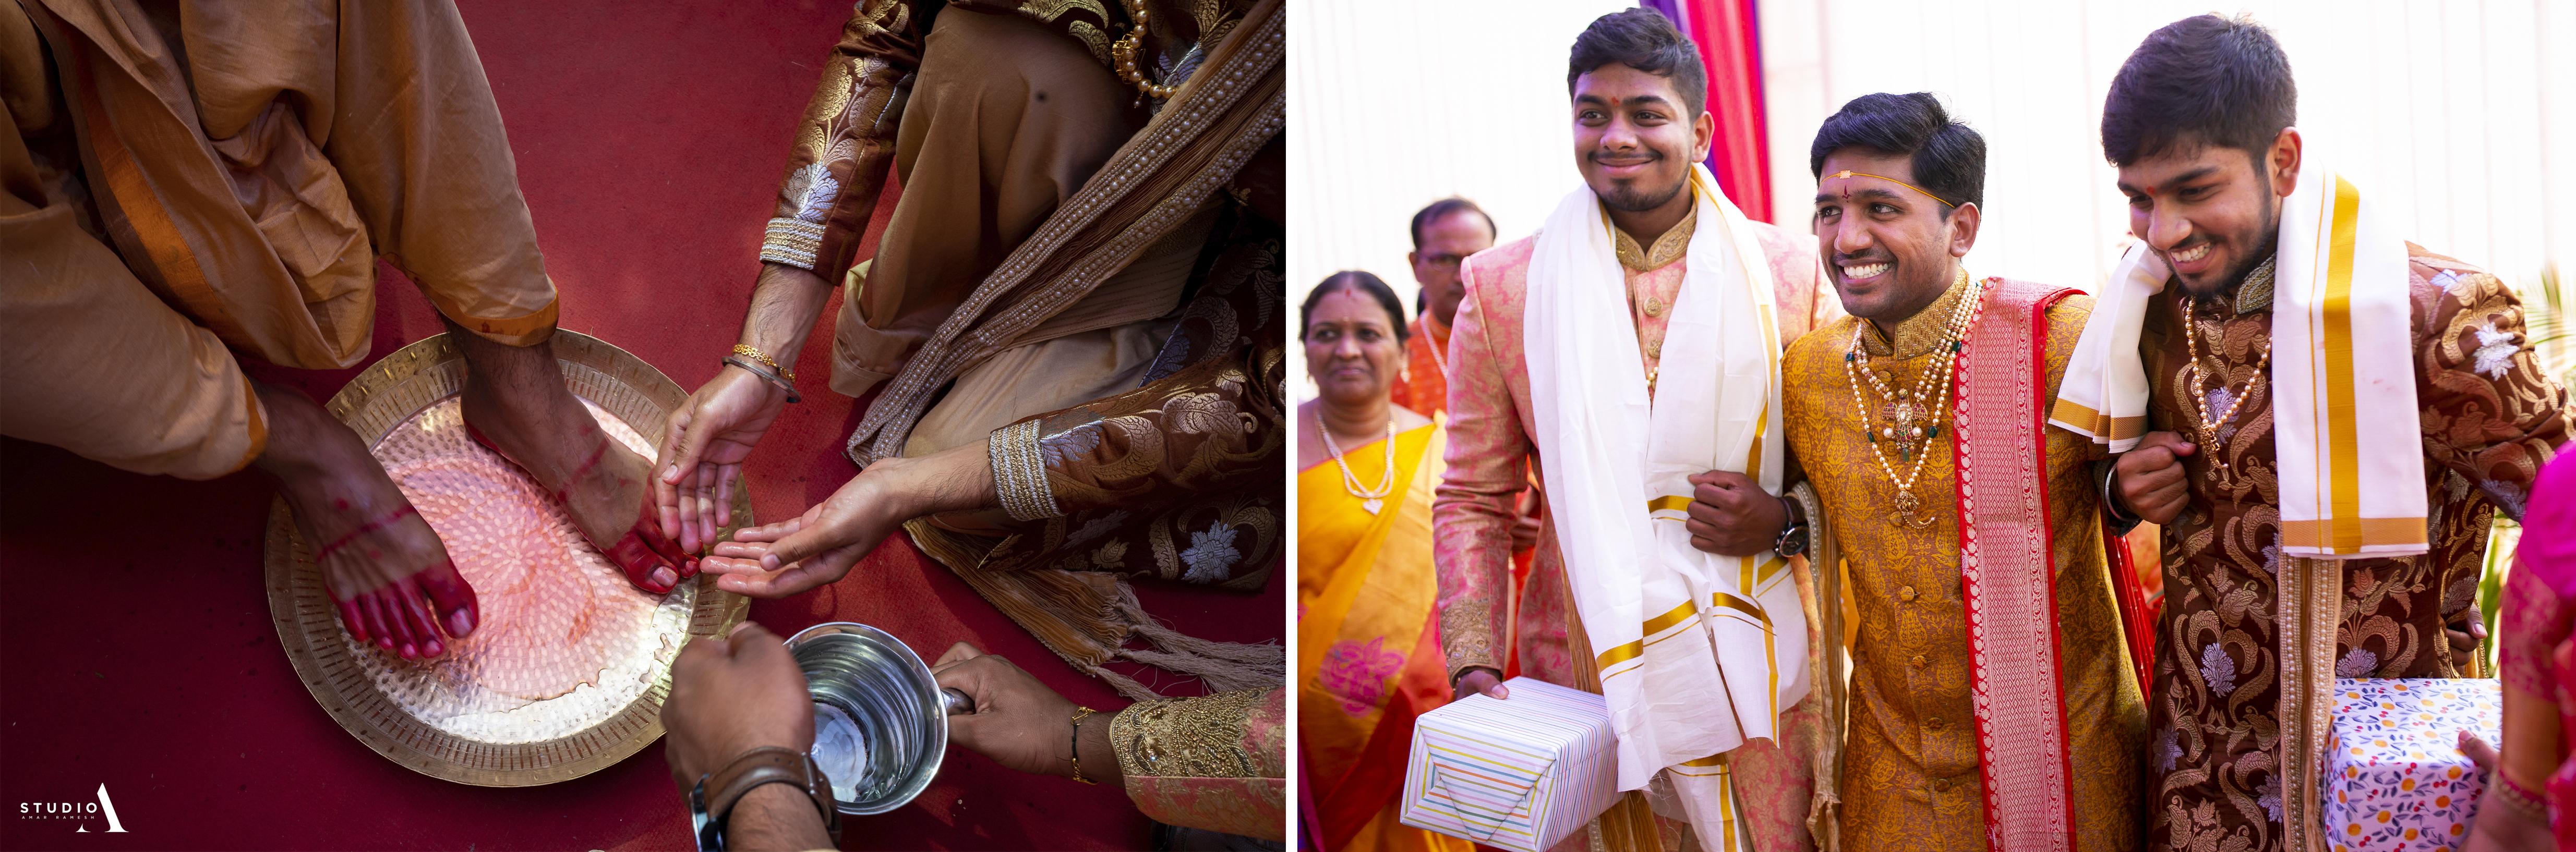 grand-telugu-wedding-studioa-amarramesh-63